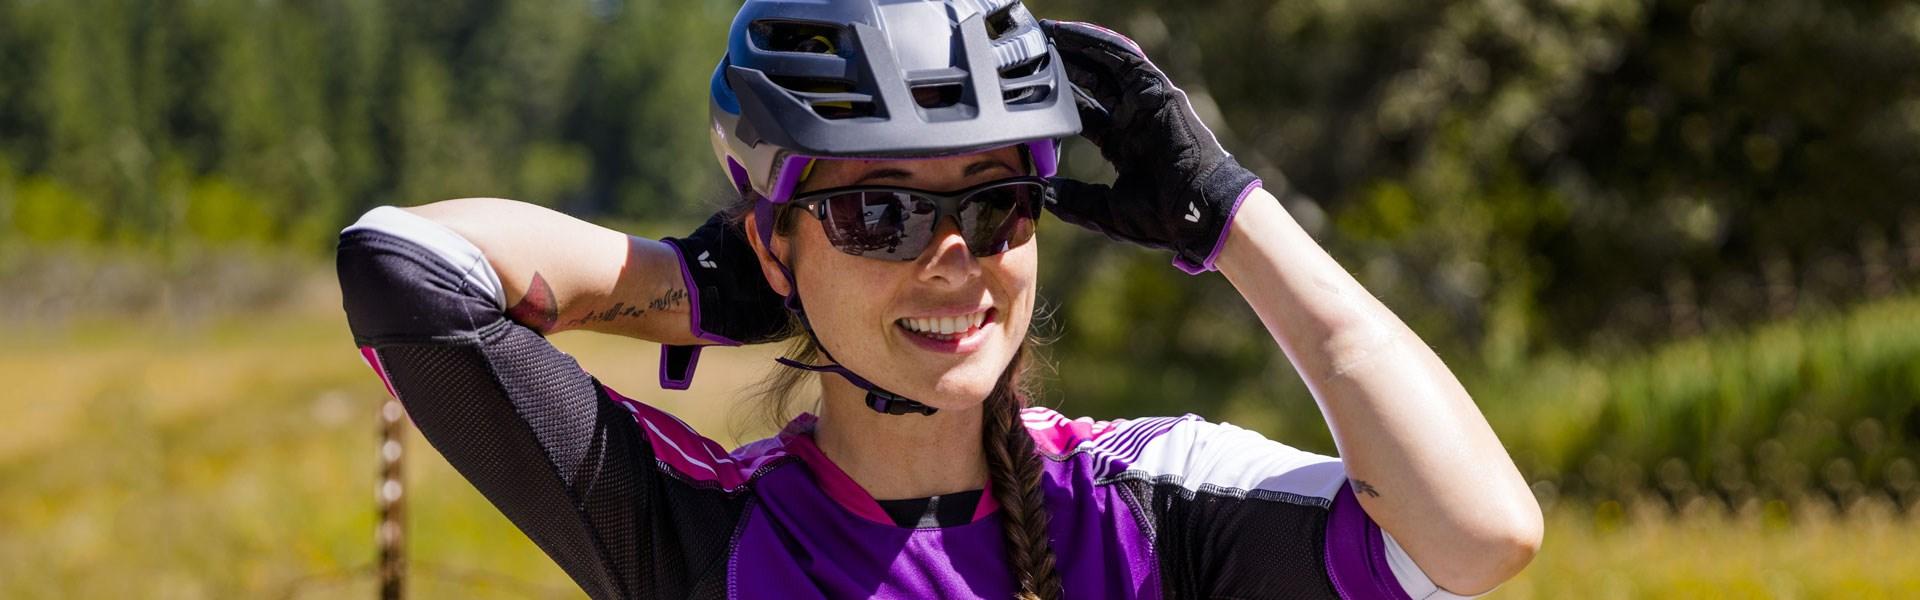 Vestuario de ciclismo mulher